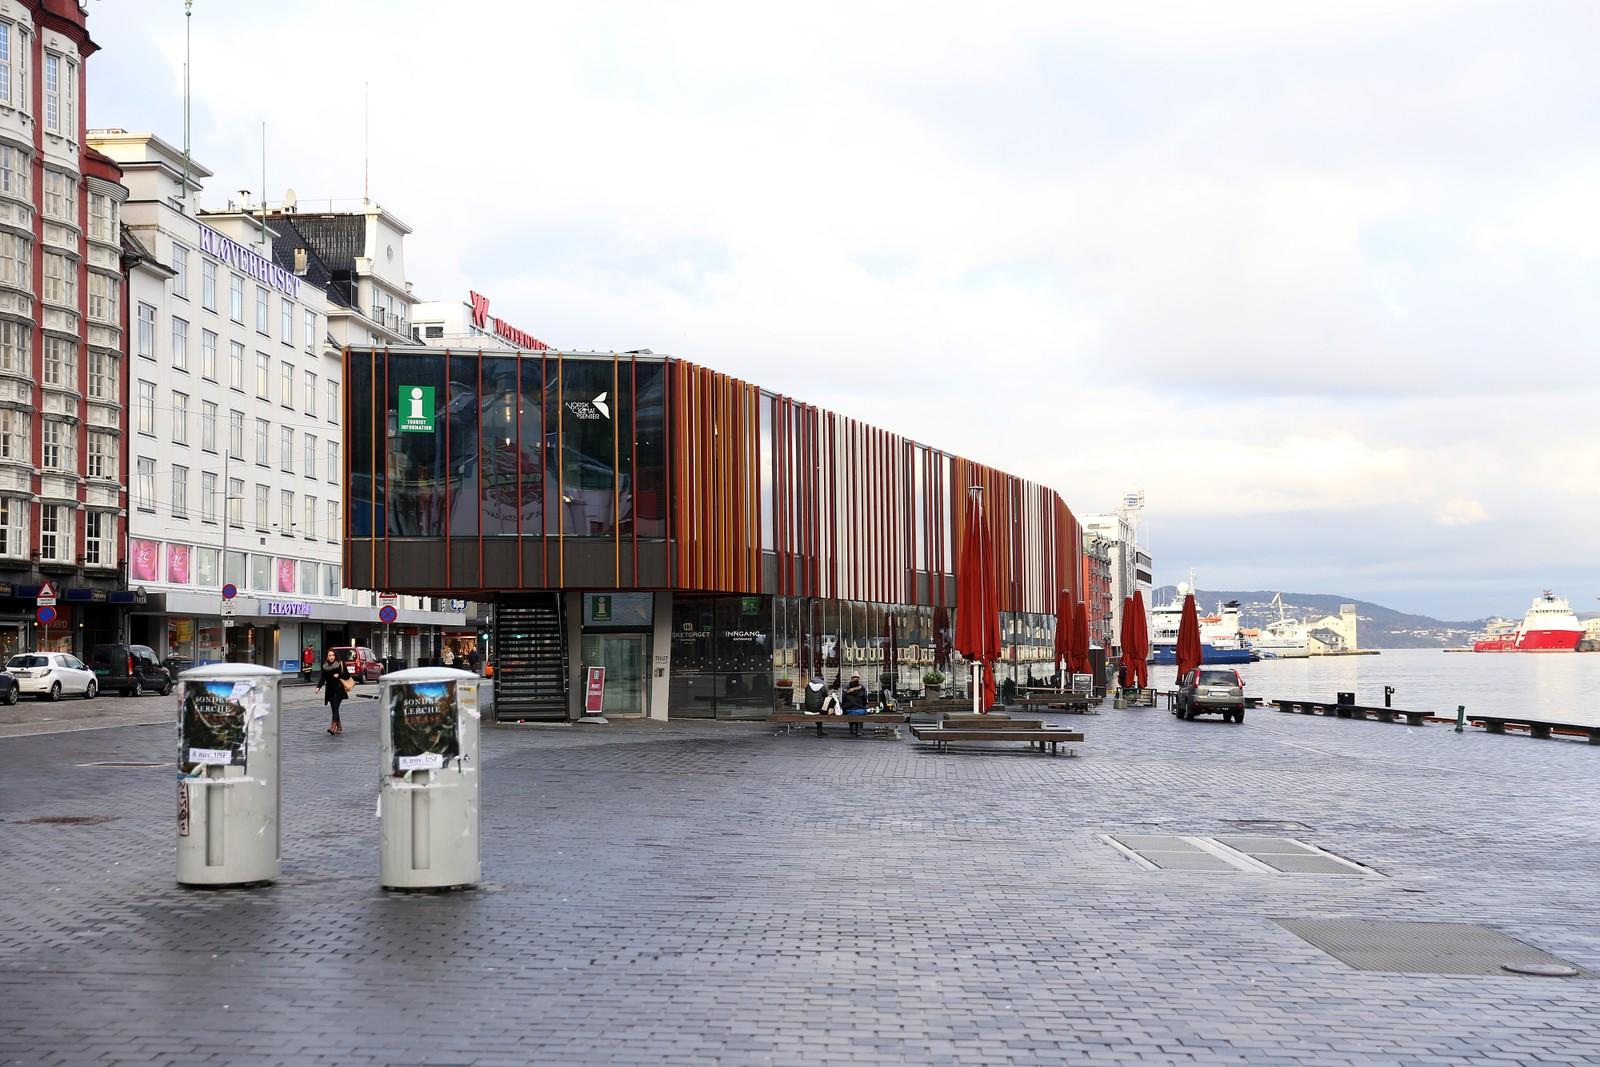 Mathallen i Bergen. Her har det vært uenigheter mellom driftsselskapet og Bergen kommune, men partene håper ifølge Bergens Tidende å komme til en løsning i løpet av januar.